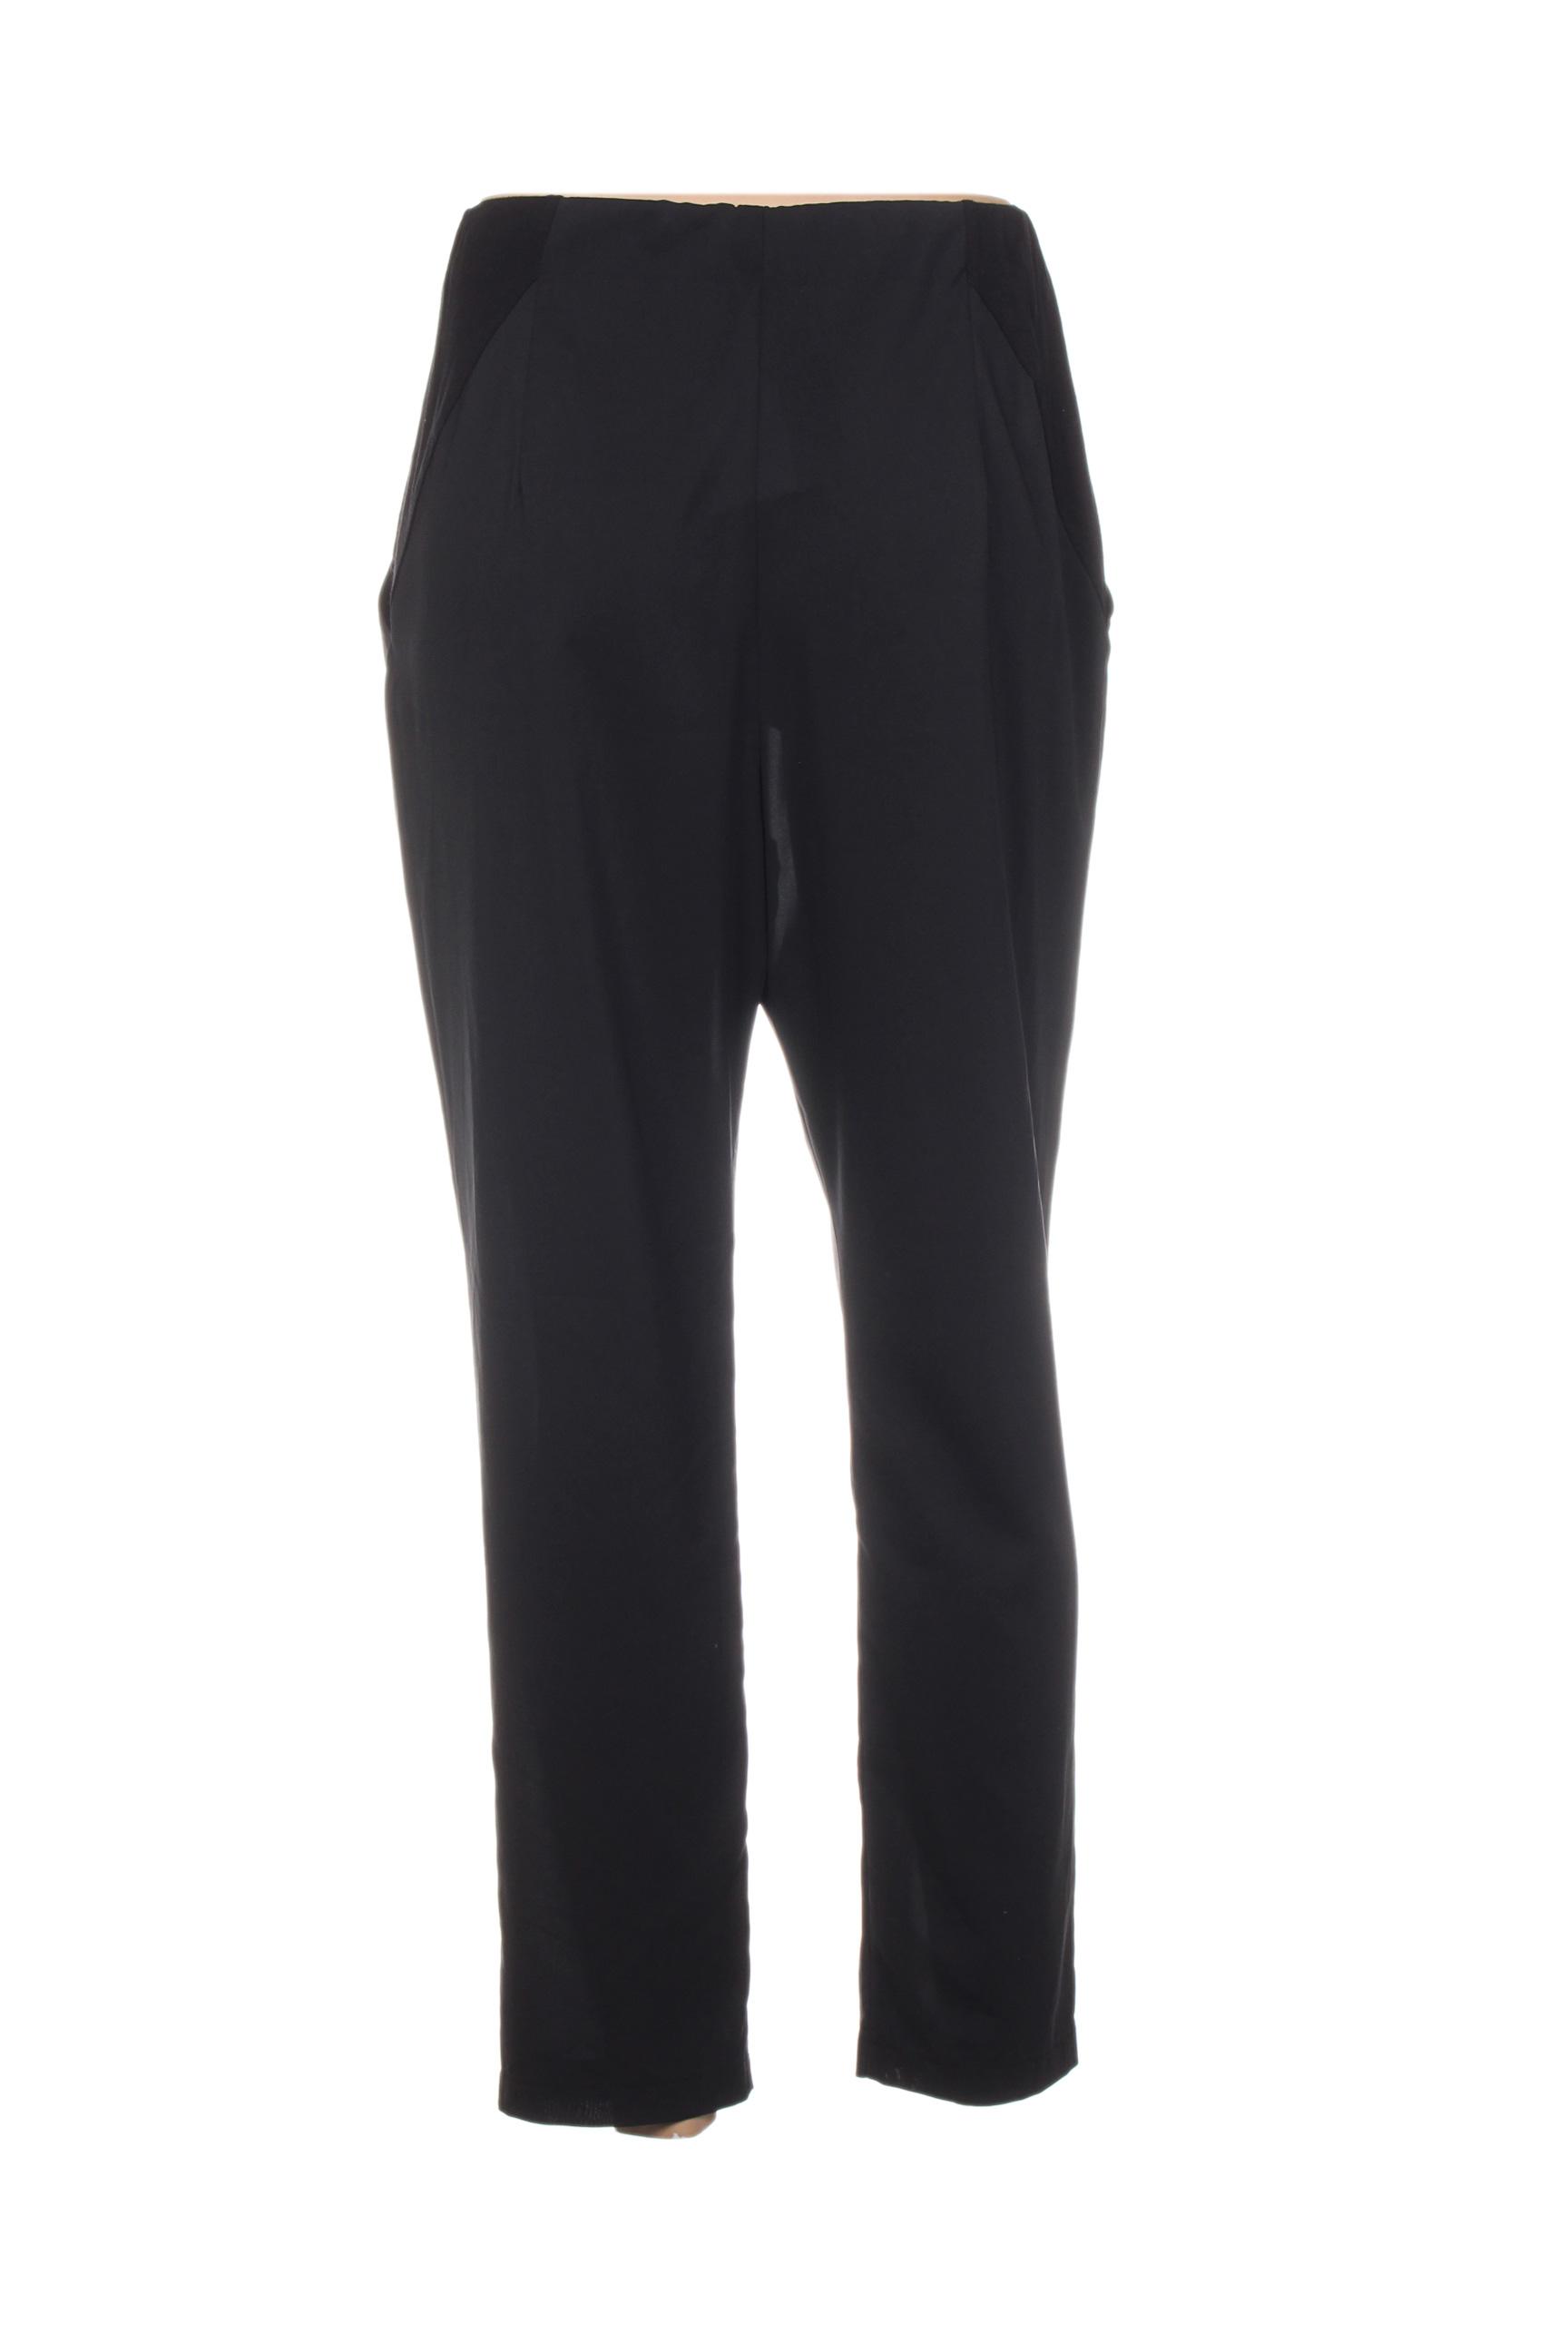 Lauren Vidal Pantalons Citadins Femme De Couleur Noir En Soldes Pas Cher 1411015-noir00